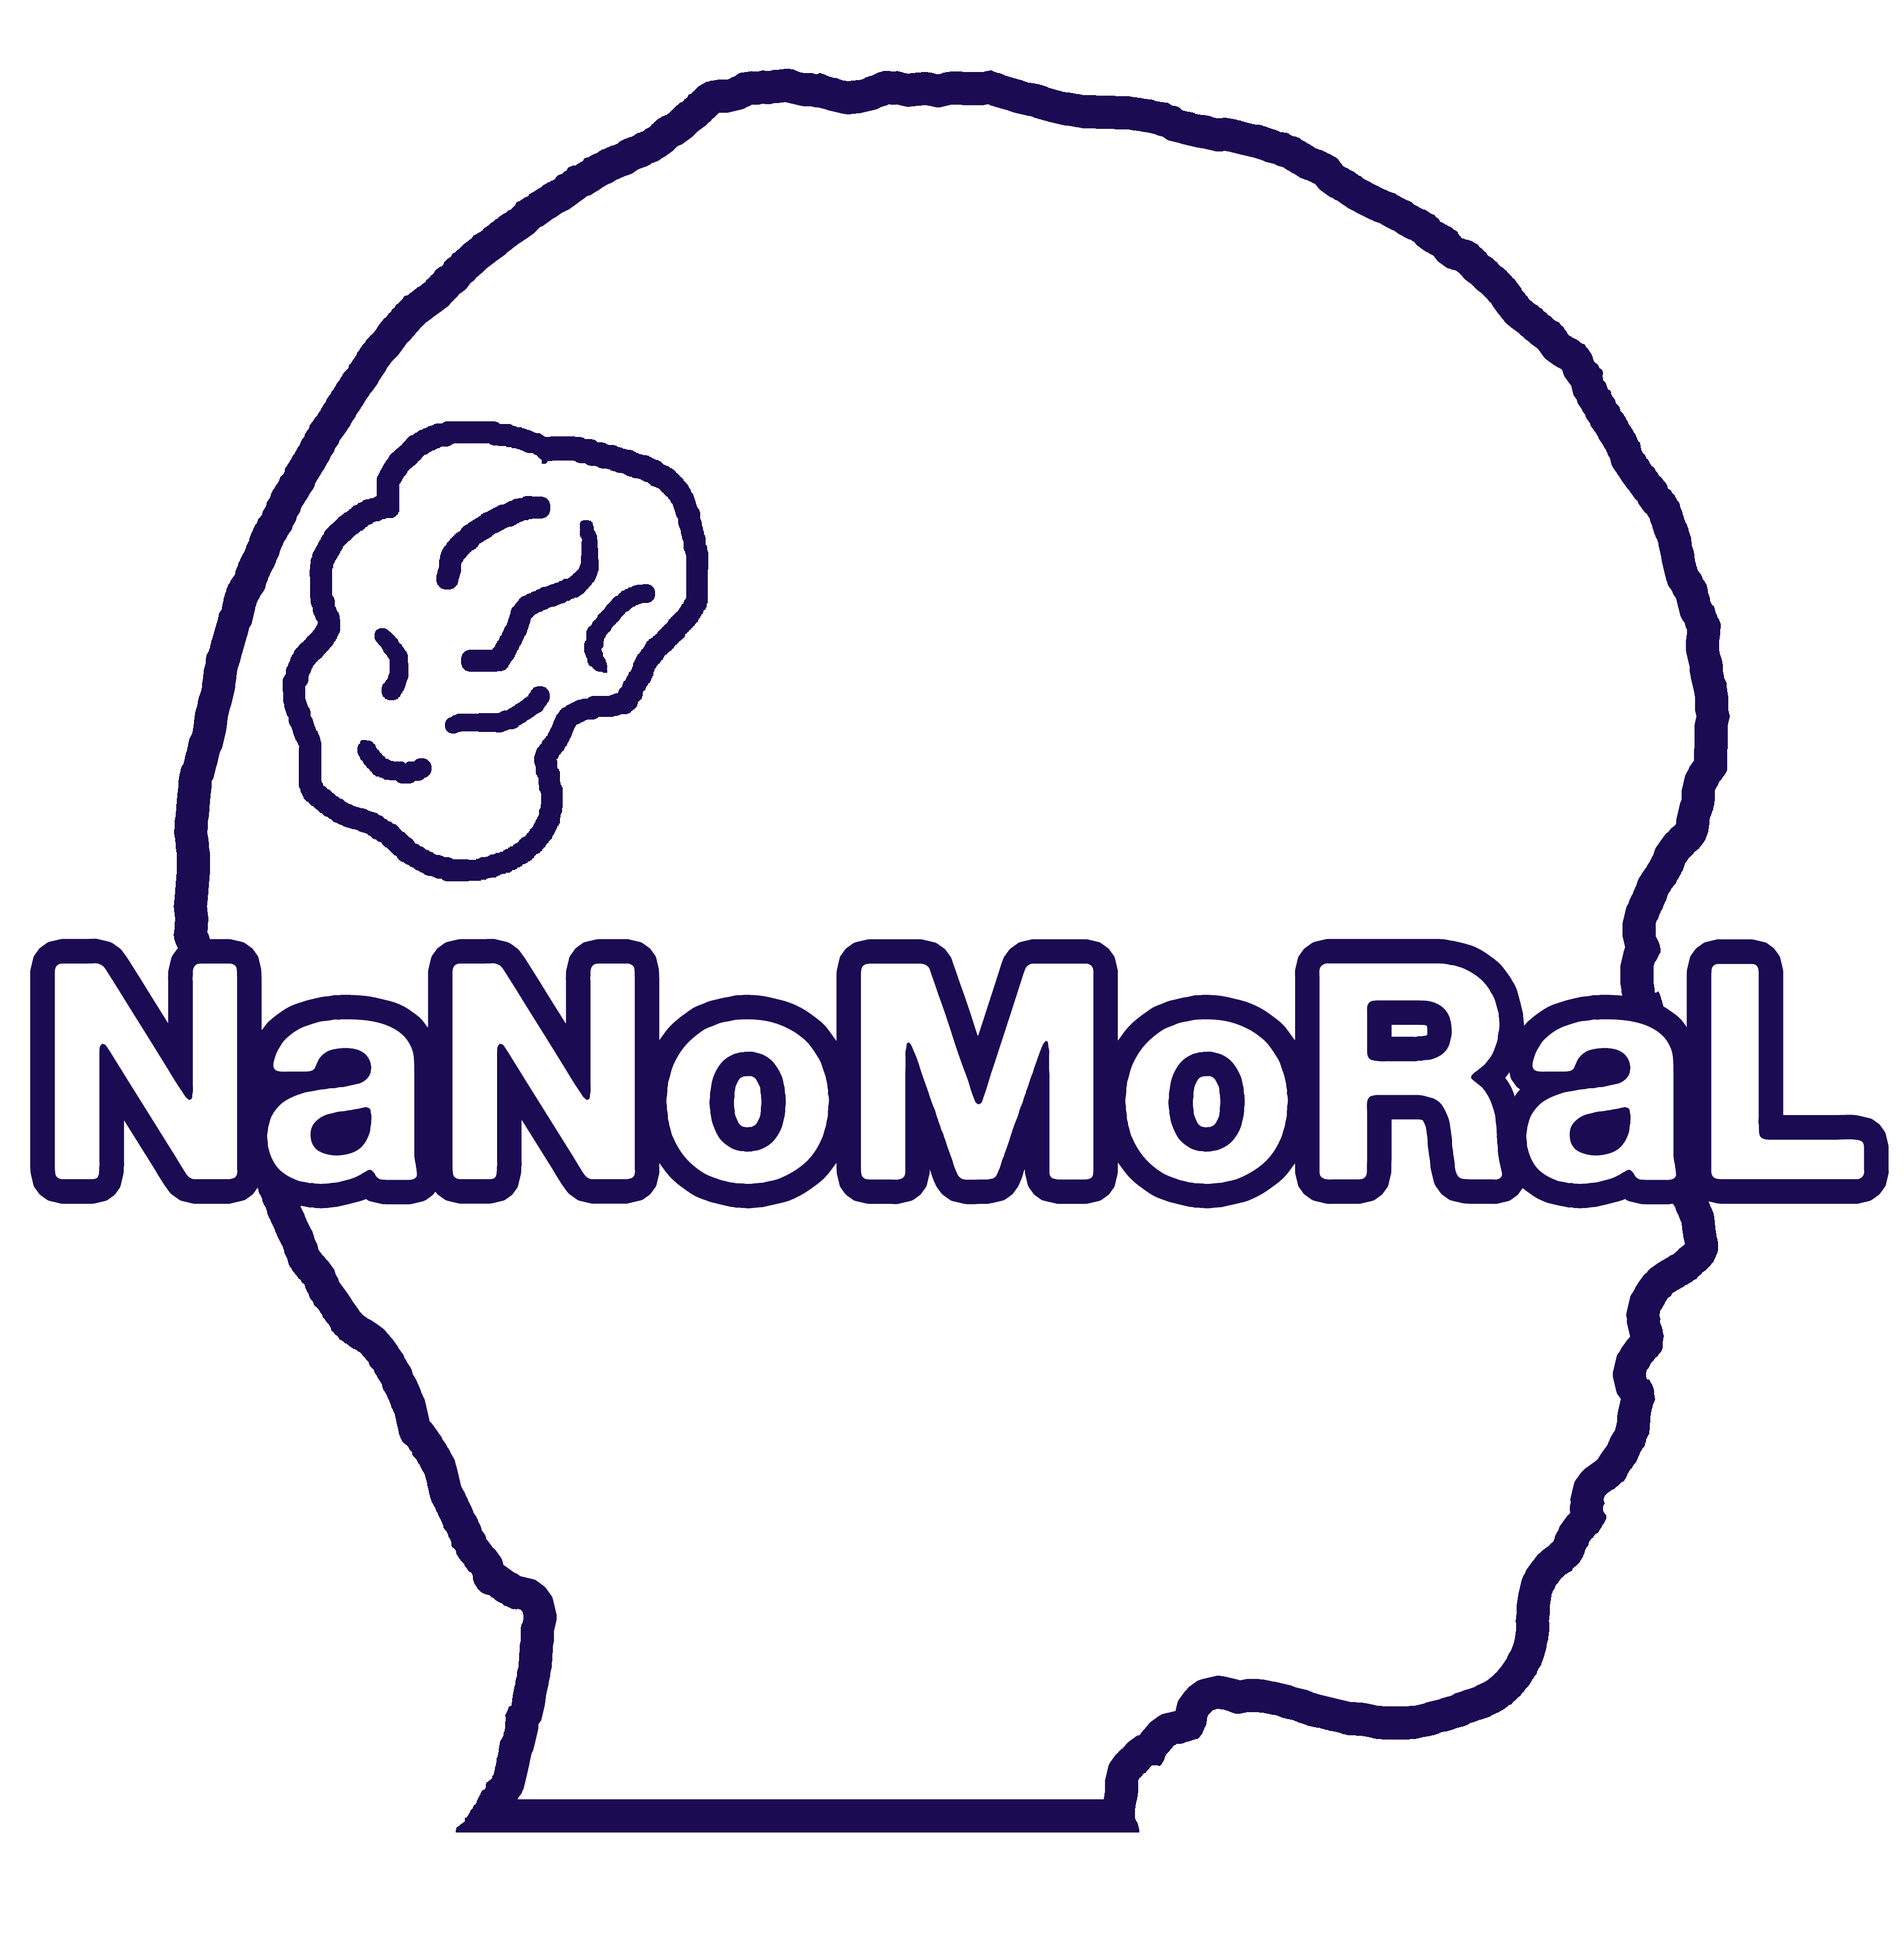 NaNoMoRaL